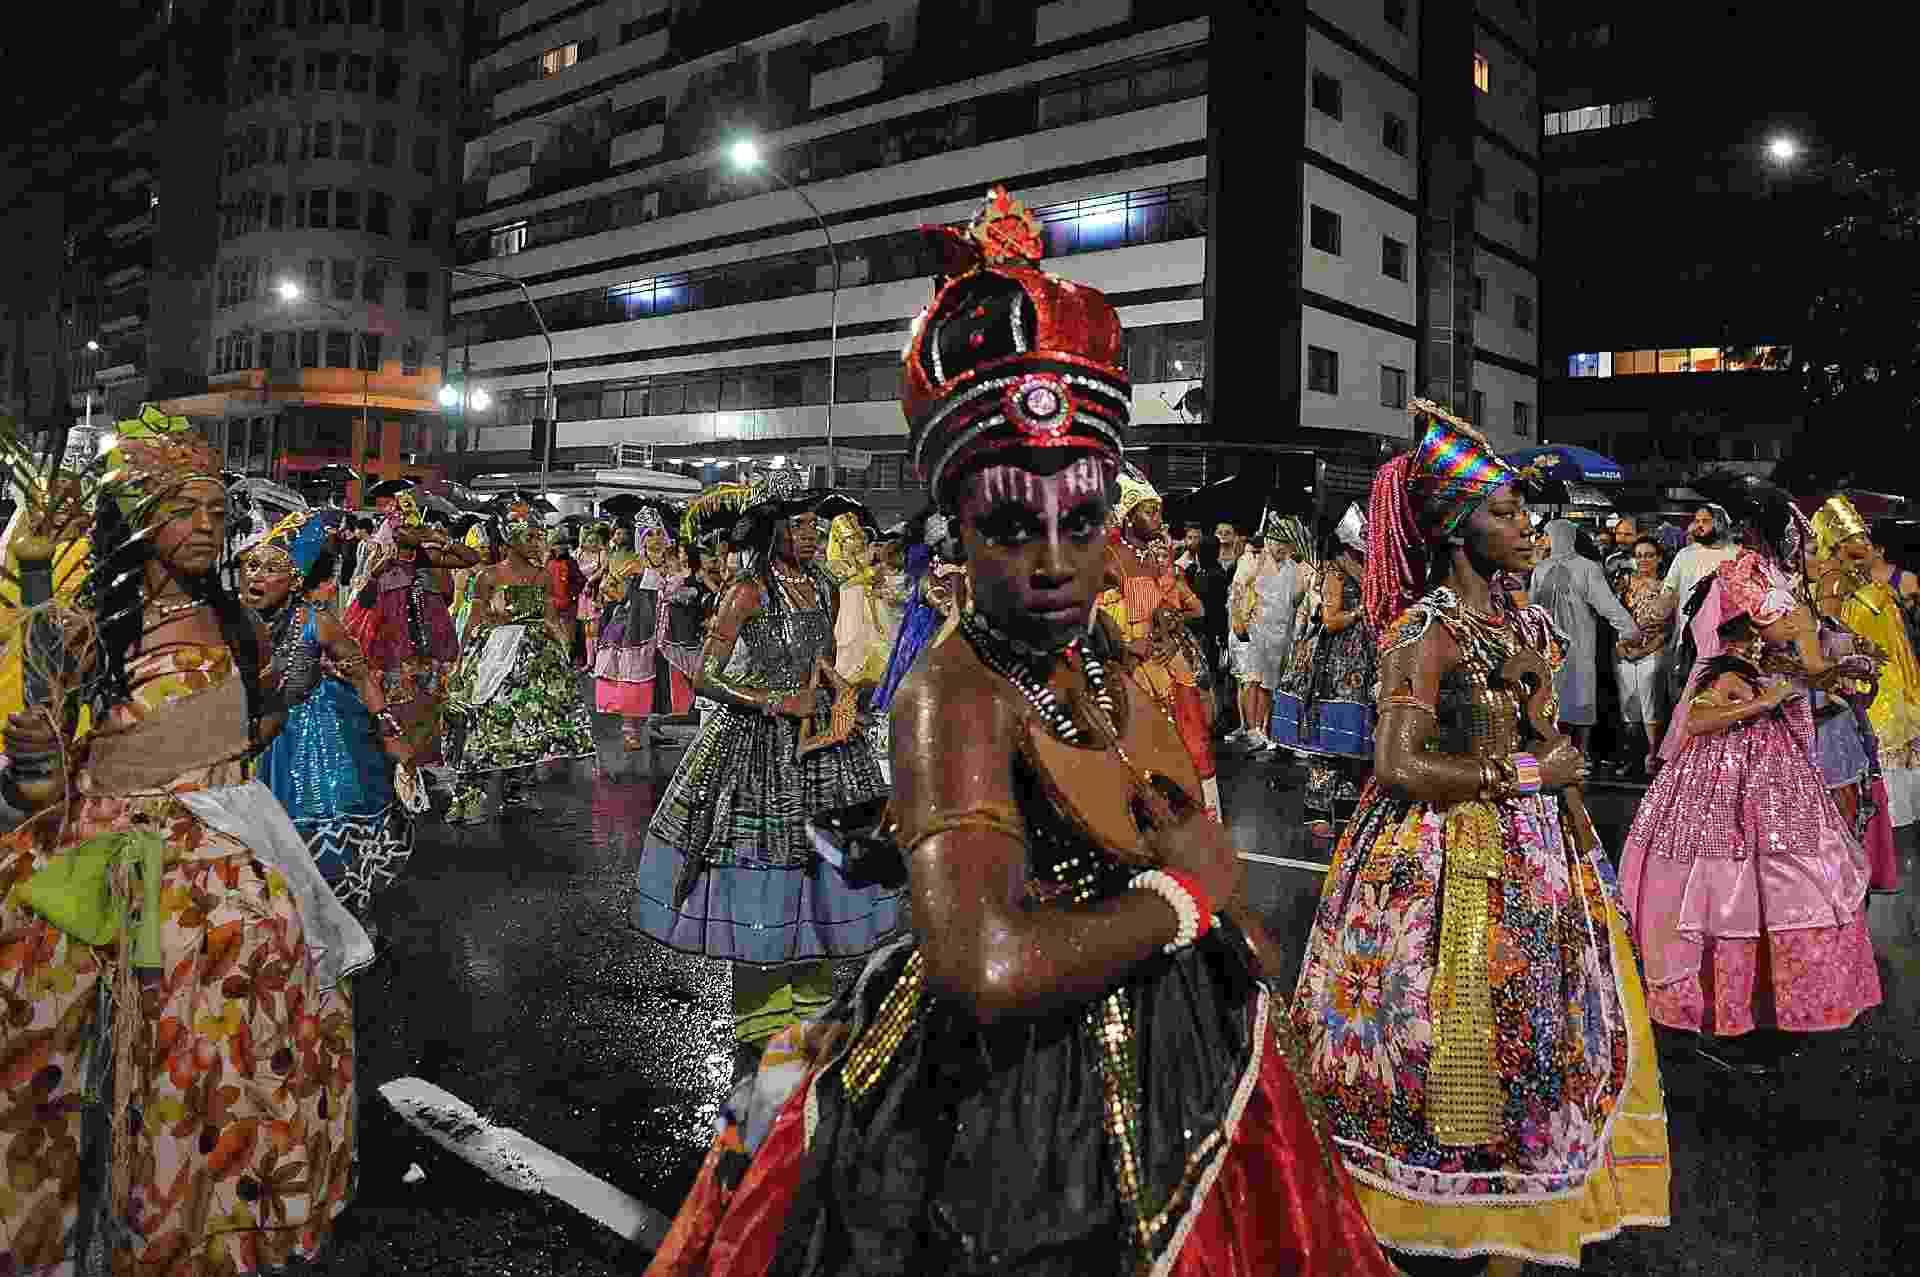 Com mulheres na bateria e dançarinos vestidos como orixás, usando pernas de pau e soltando labaredas de fogo, o bloco passou pela avenida São Luiz, rua Xavier de Toledo, Praça Ramos e foi até o Largo do Paissandu - Reinaldo Canato/UOL